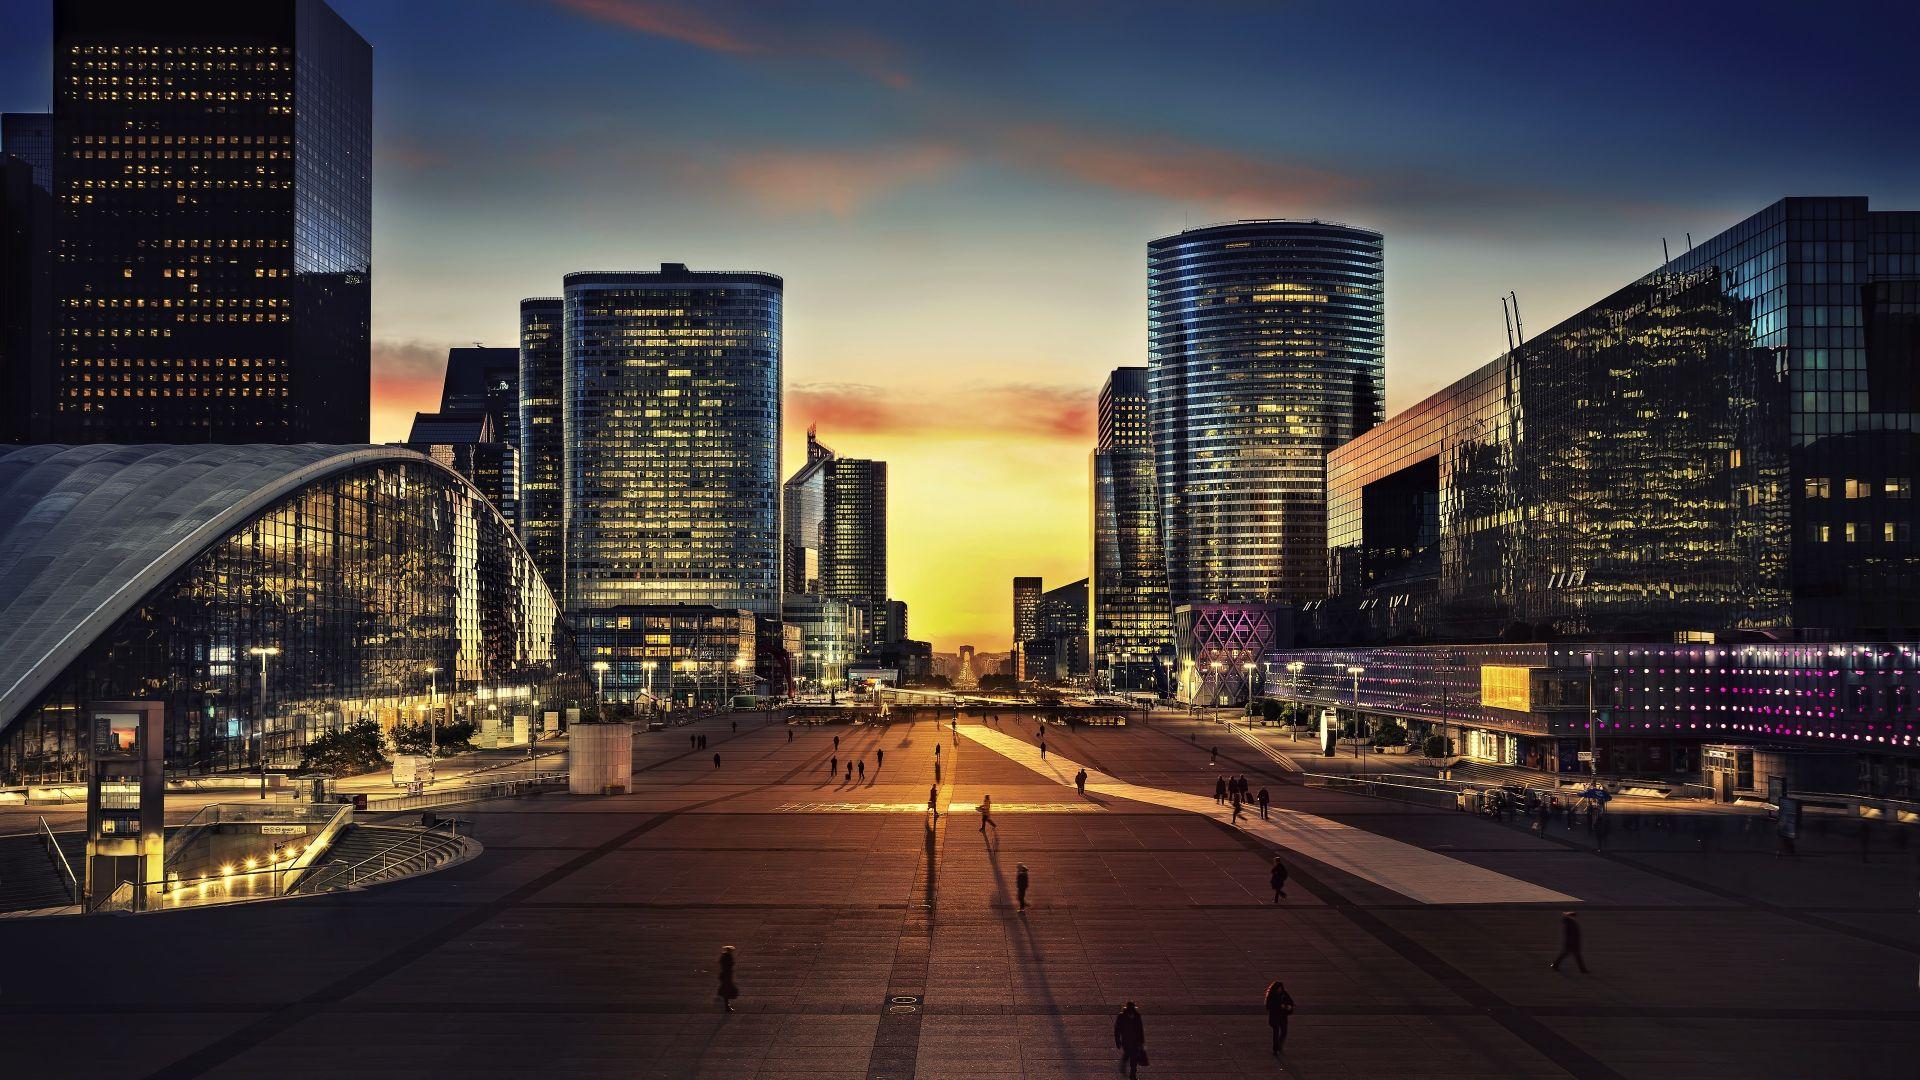 Wallpaper Arc de triomphe, paris, city, night, buildings, 4k